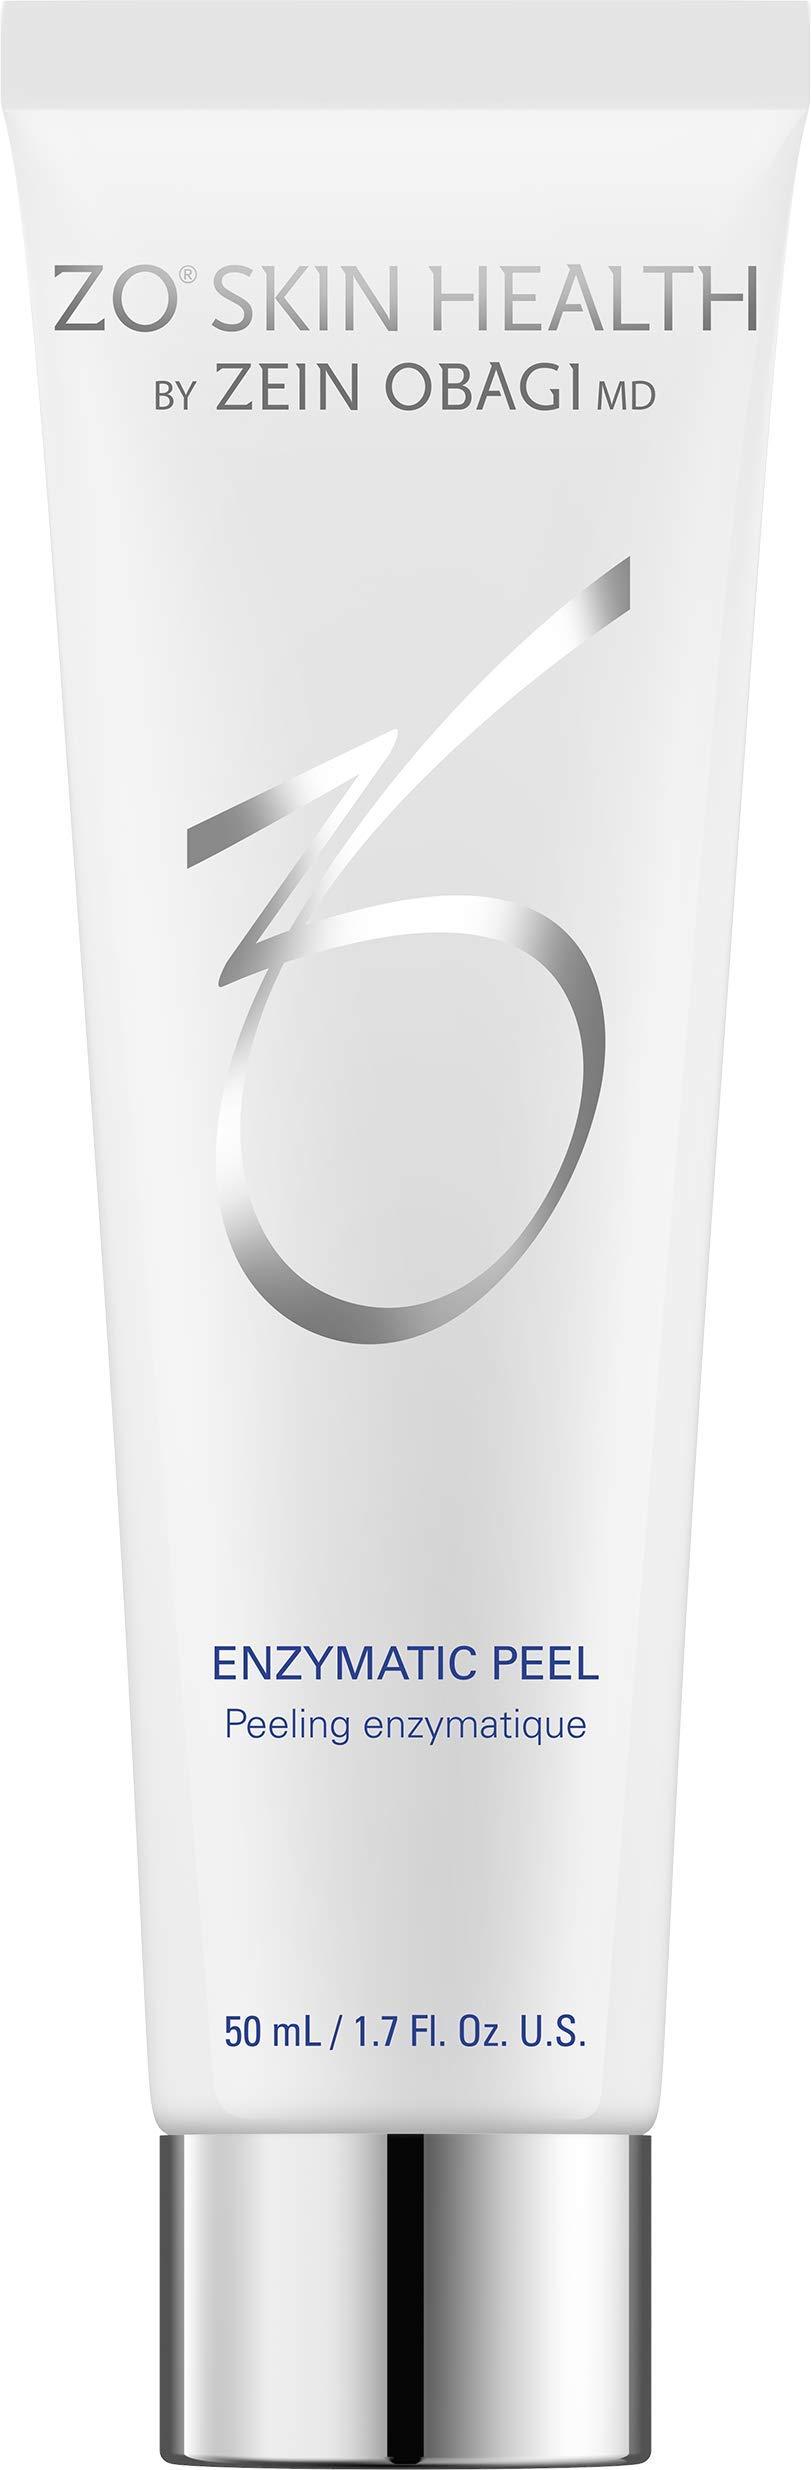 ZO SKIN HEALTH ENZYMATIC PEEL 50 ML / 1.7 FL. OZ. U.S.